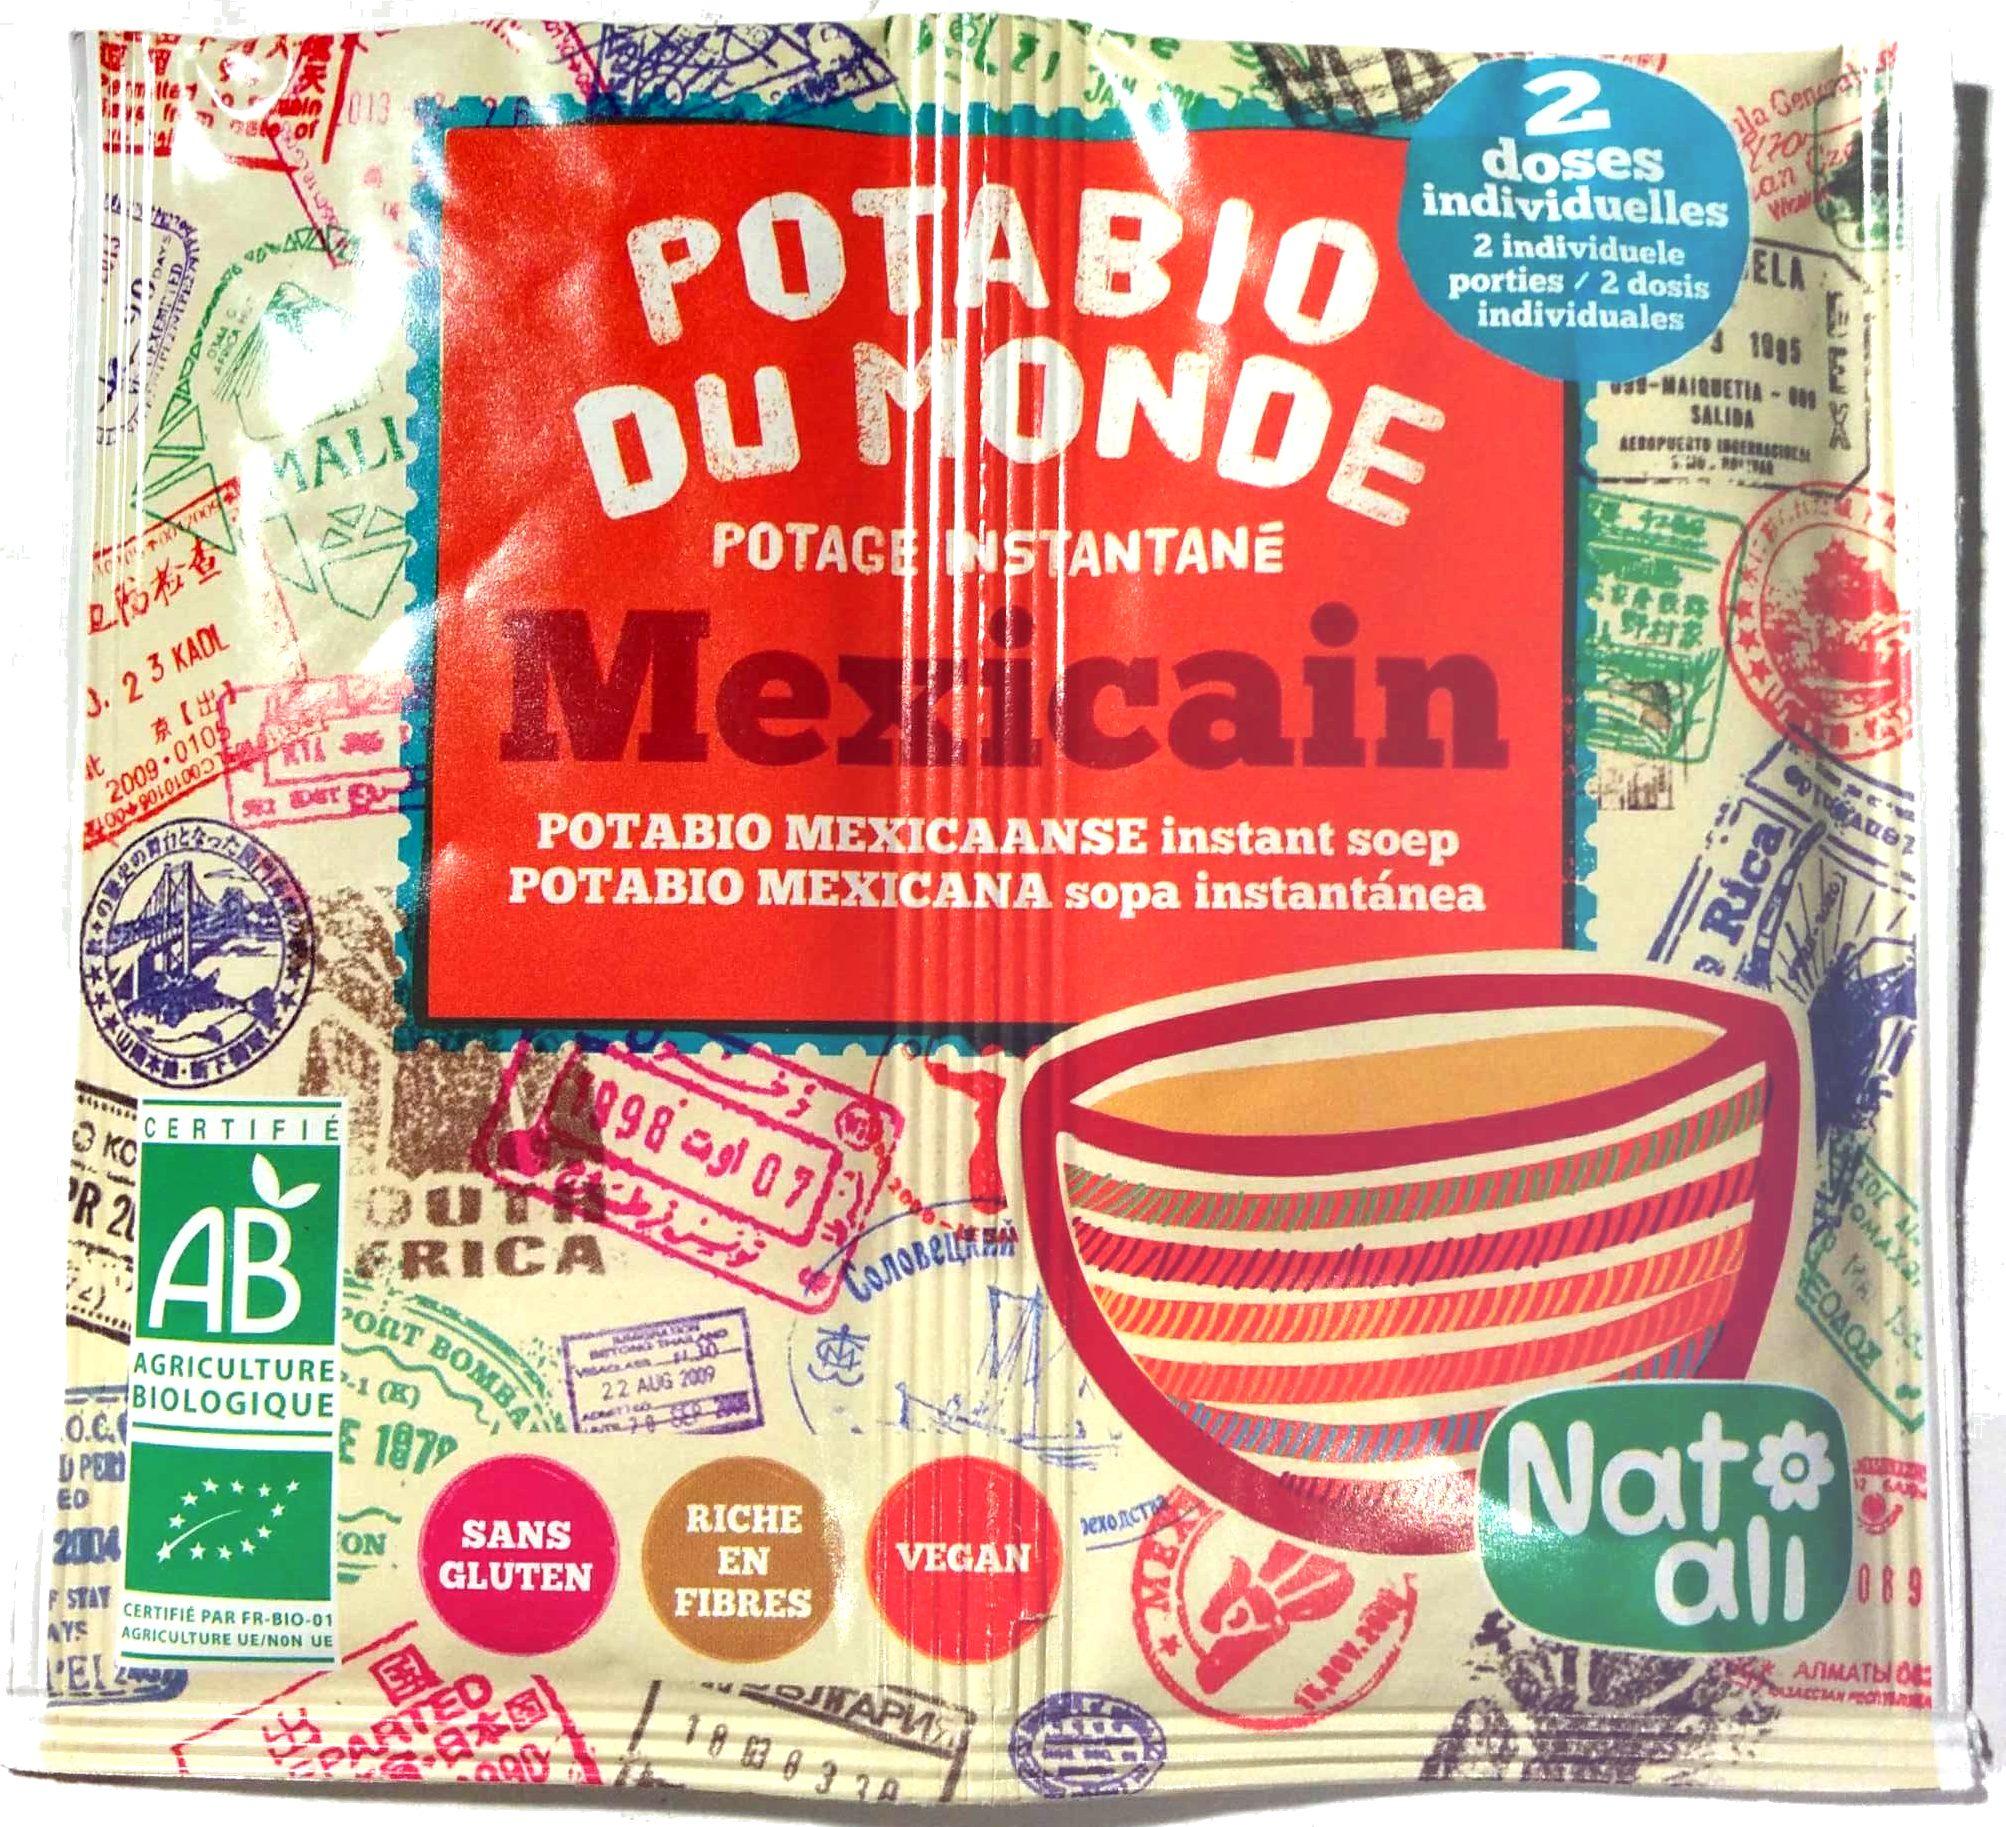 Potabio du monde - Mexicain - Produit - fr